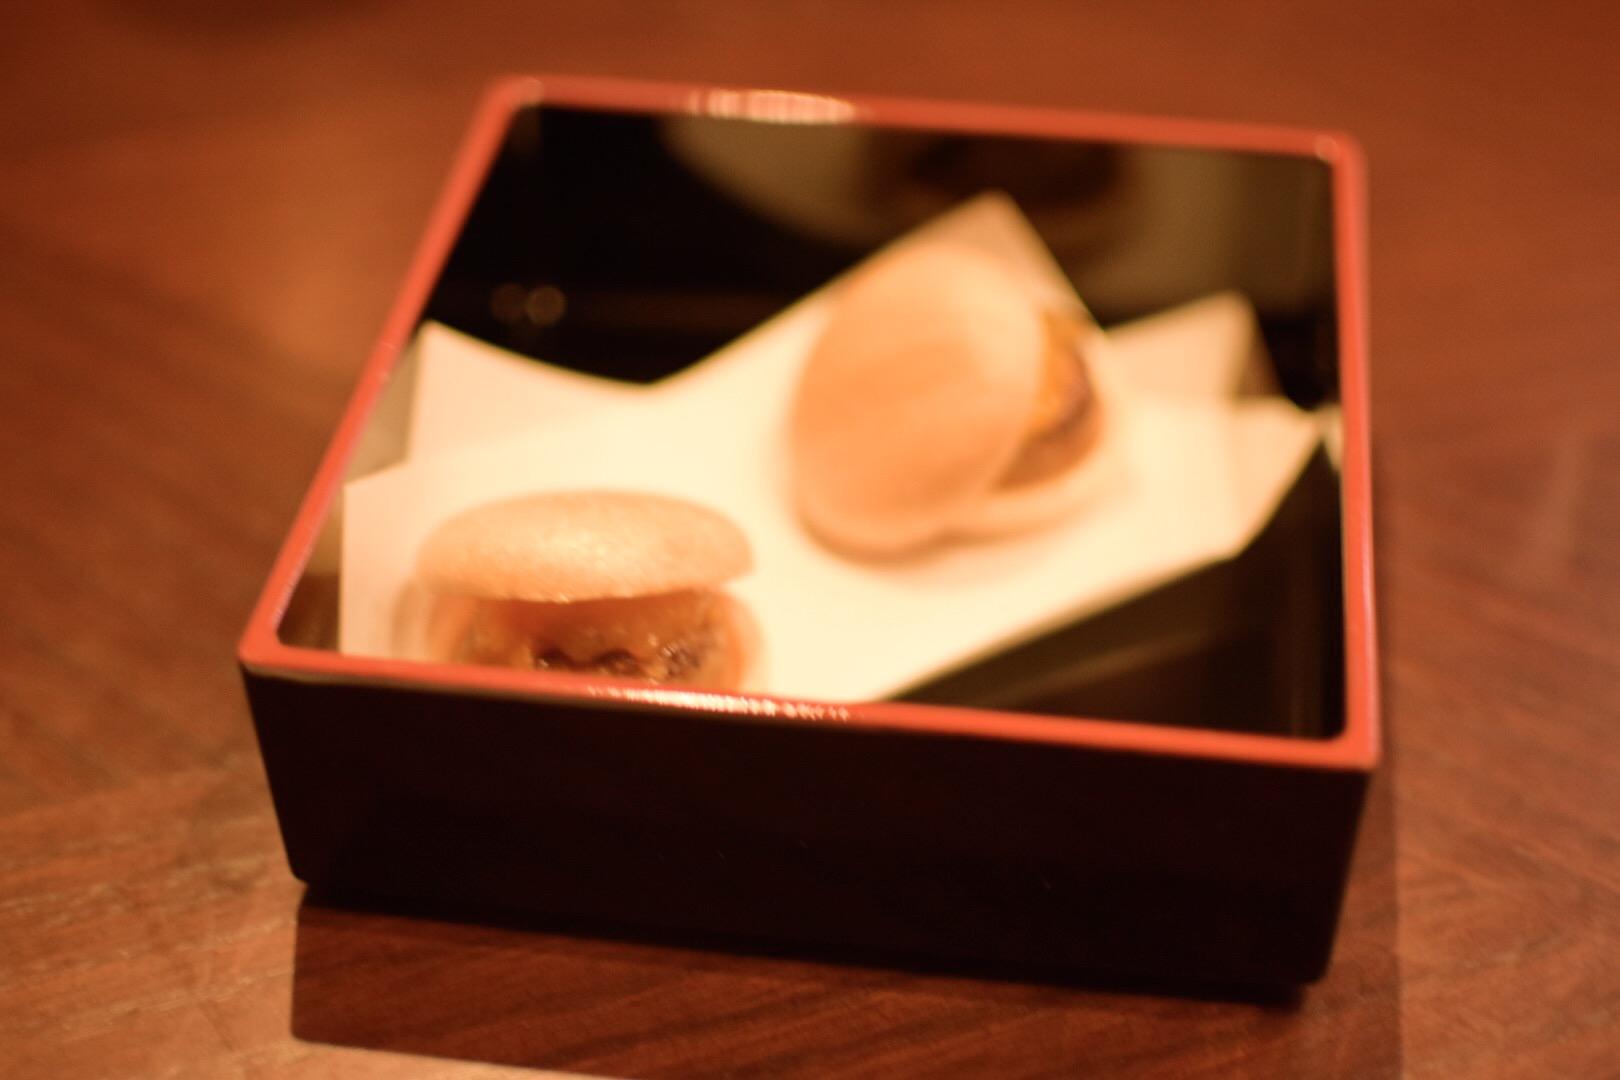 京都のおすすめランチ特集 - 京都女子旅や京都観光におすすめの和食店やレストラン7選_14